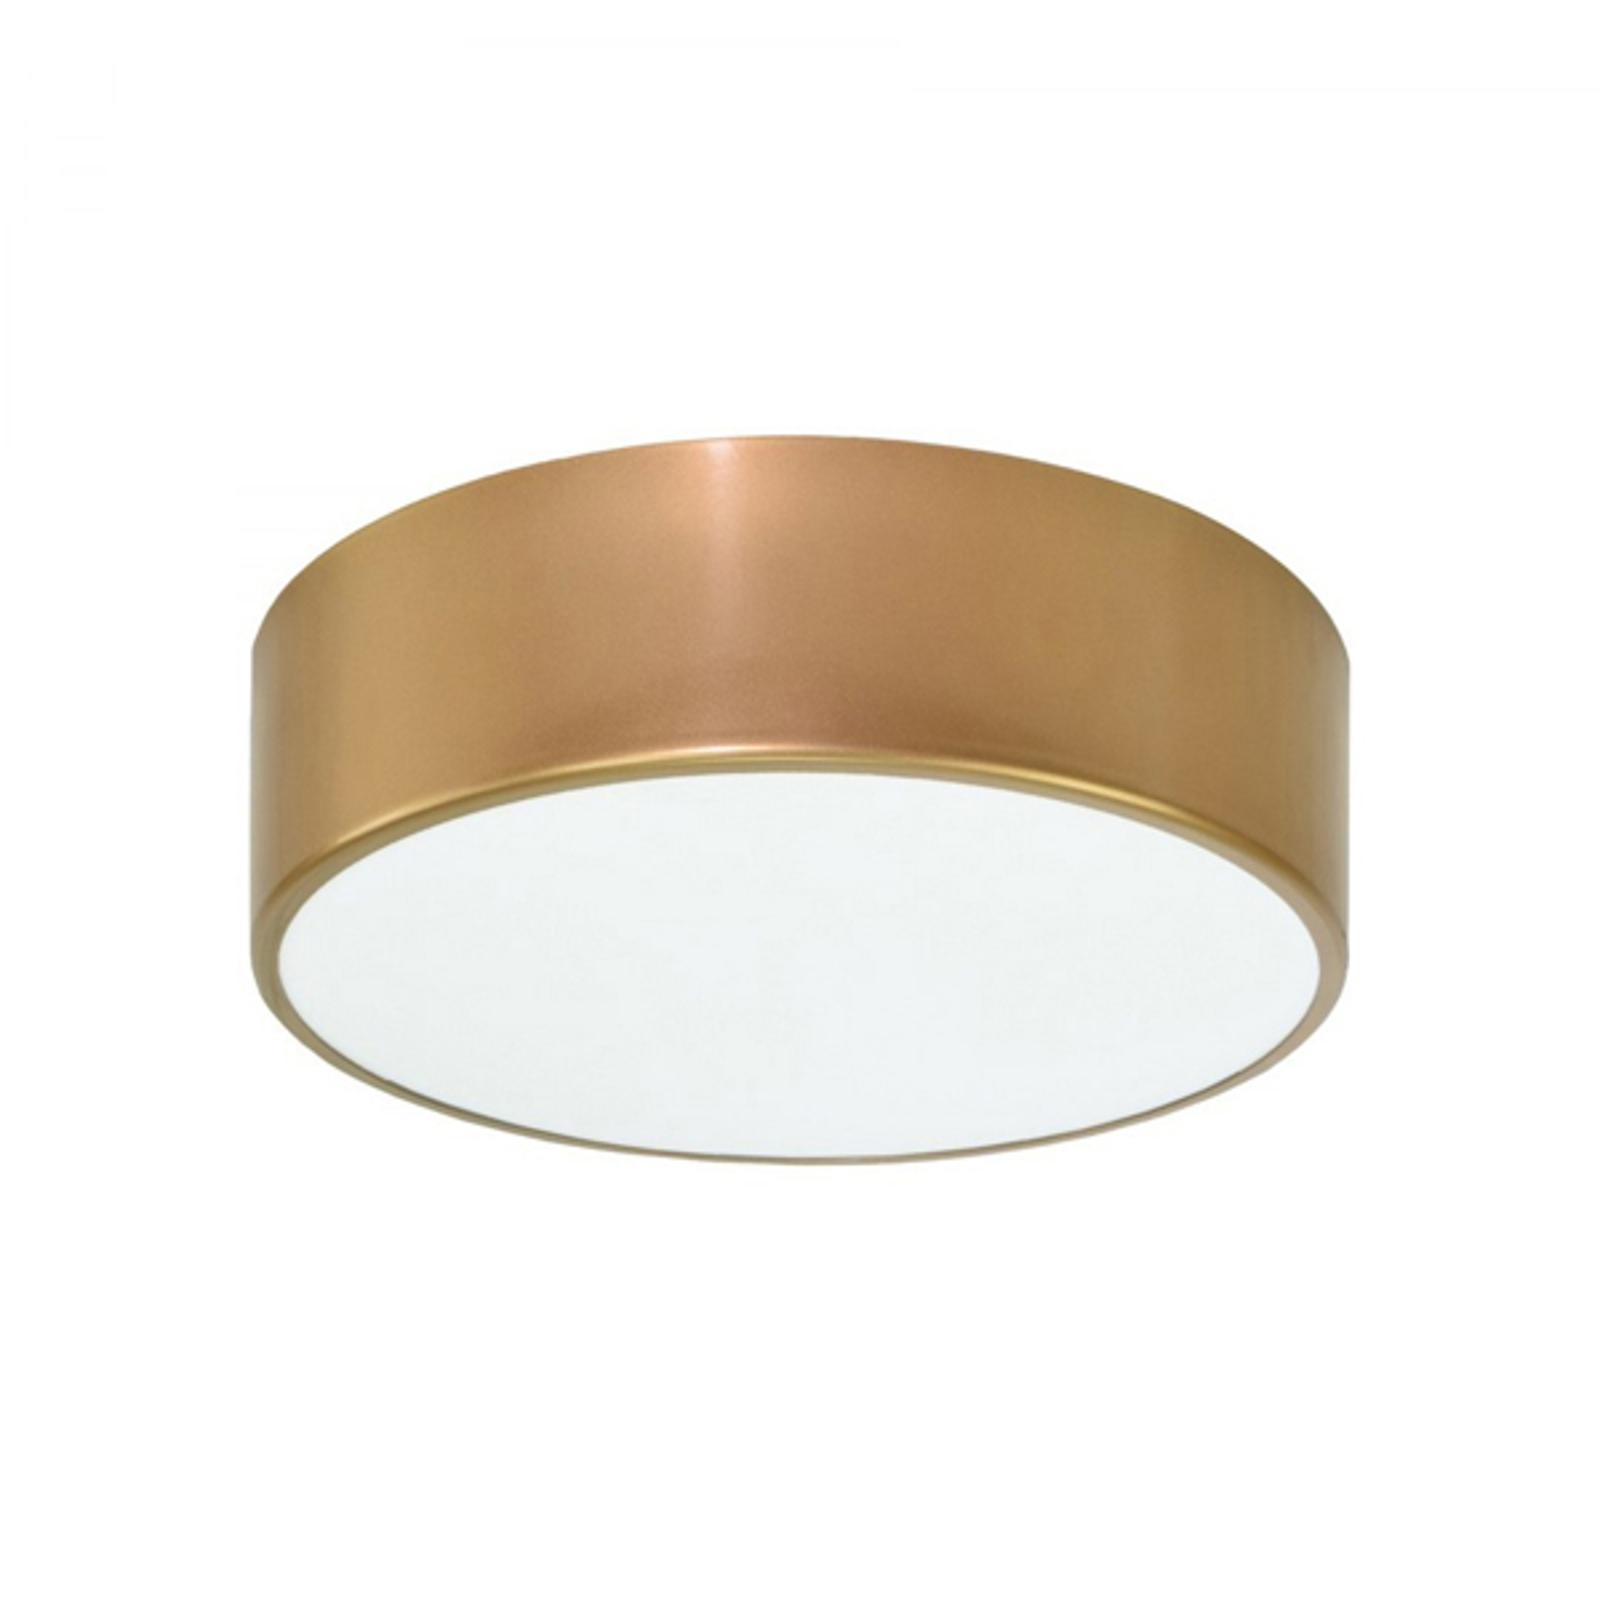 Deckenleuchte Cleo, Ø 20 cm, gold